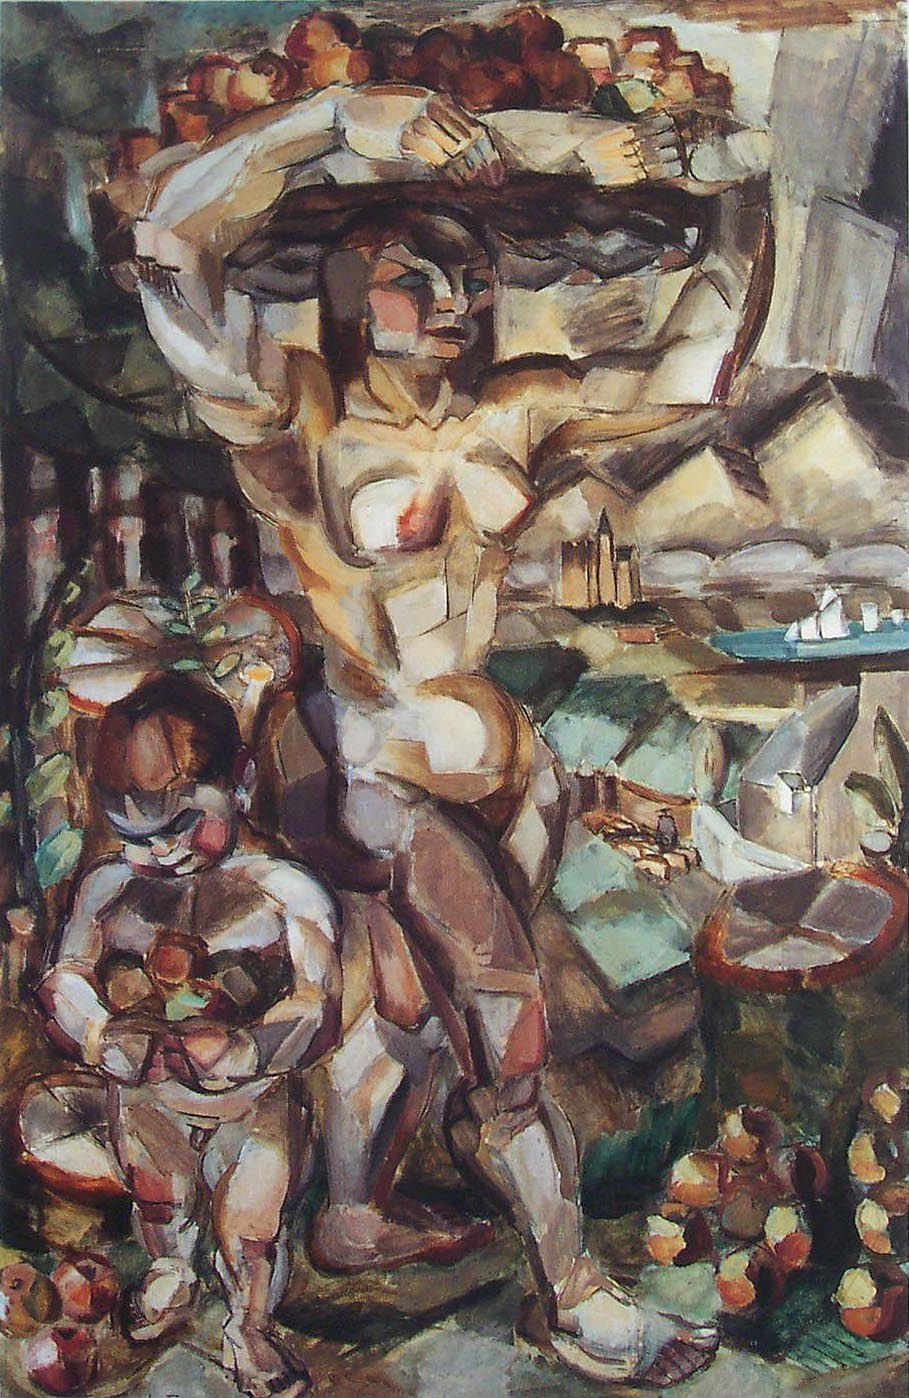 Henri Le Fauconnier, 1910-11, L'Abondance (Abundance), oil on canvas, 191 x 123 cm (75.25 x 48.5 in.), Gemeentemuseum Den Haag